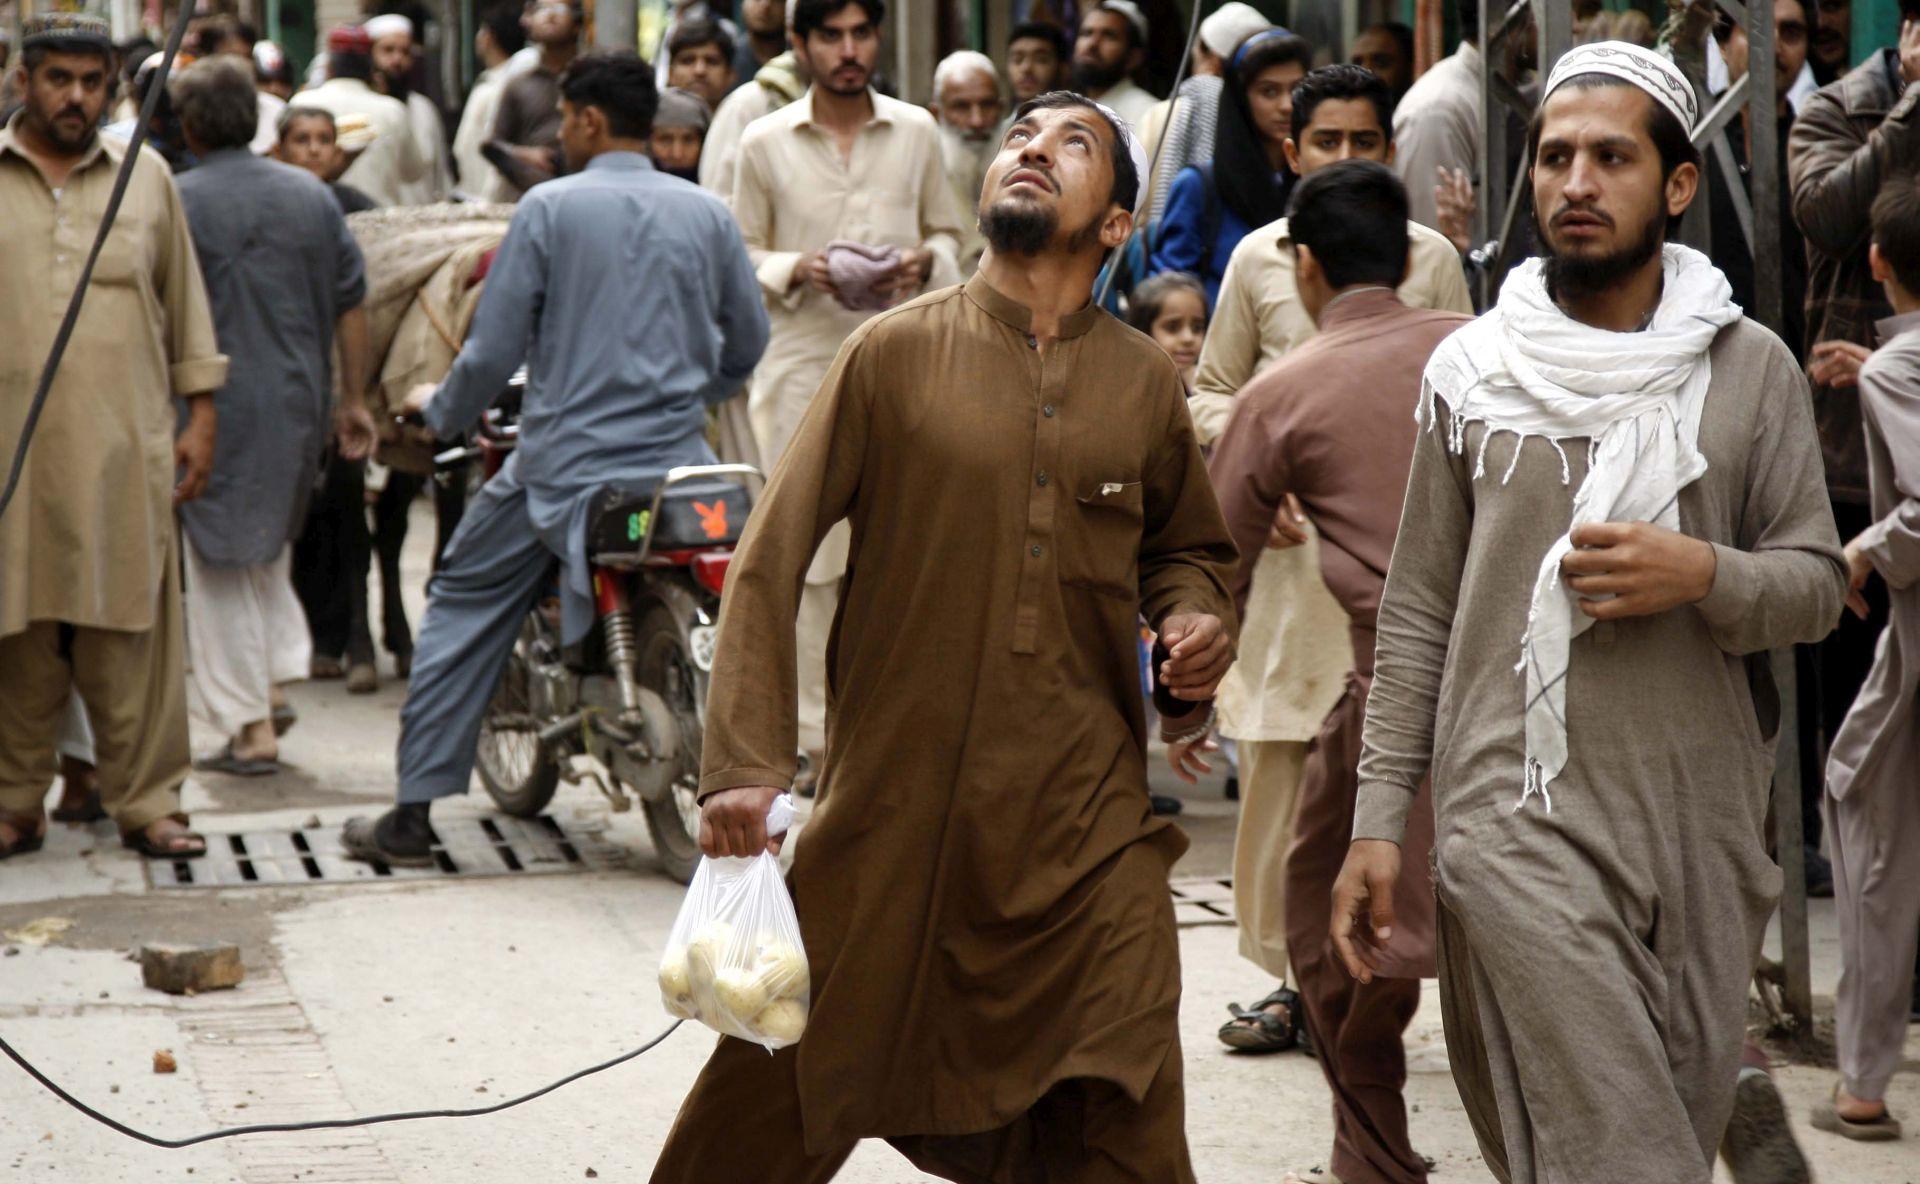 FRAKCIJA TALIBANA PREUZELA ODGOVORNOST Najmanje 20 poginulih u bombaškom napadu u Pakistanu